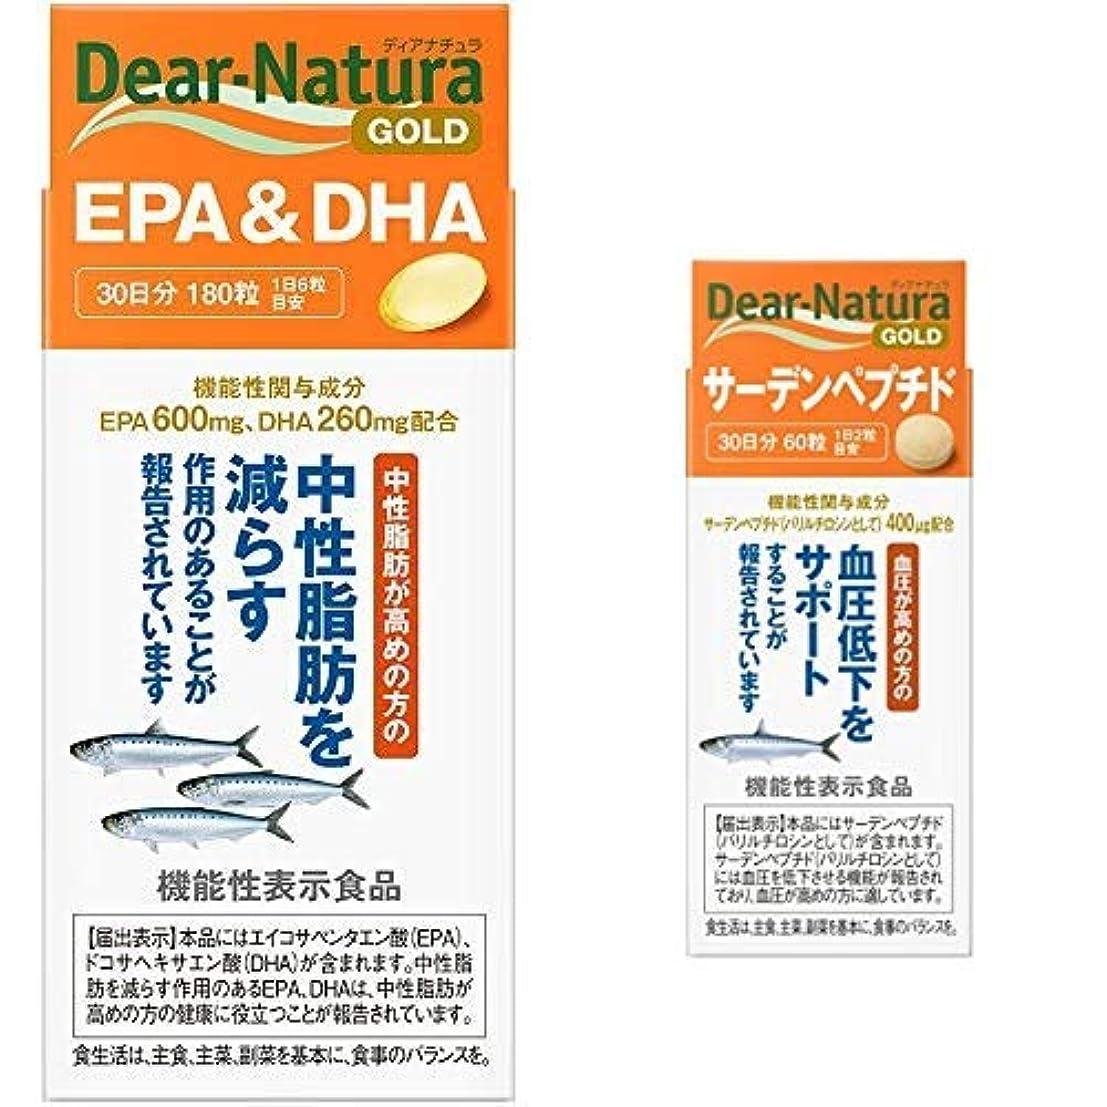 線形受け皿納税者【セット買い】ディアナチュラゴールド EPA&DHA 30日分 [機能性表示食品] & サーデンペプチド 30日分 [機能性表示食品]